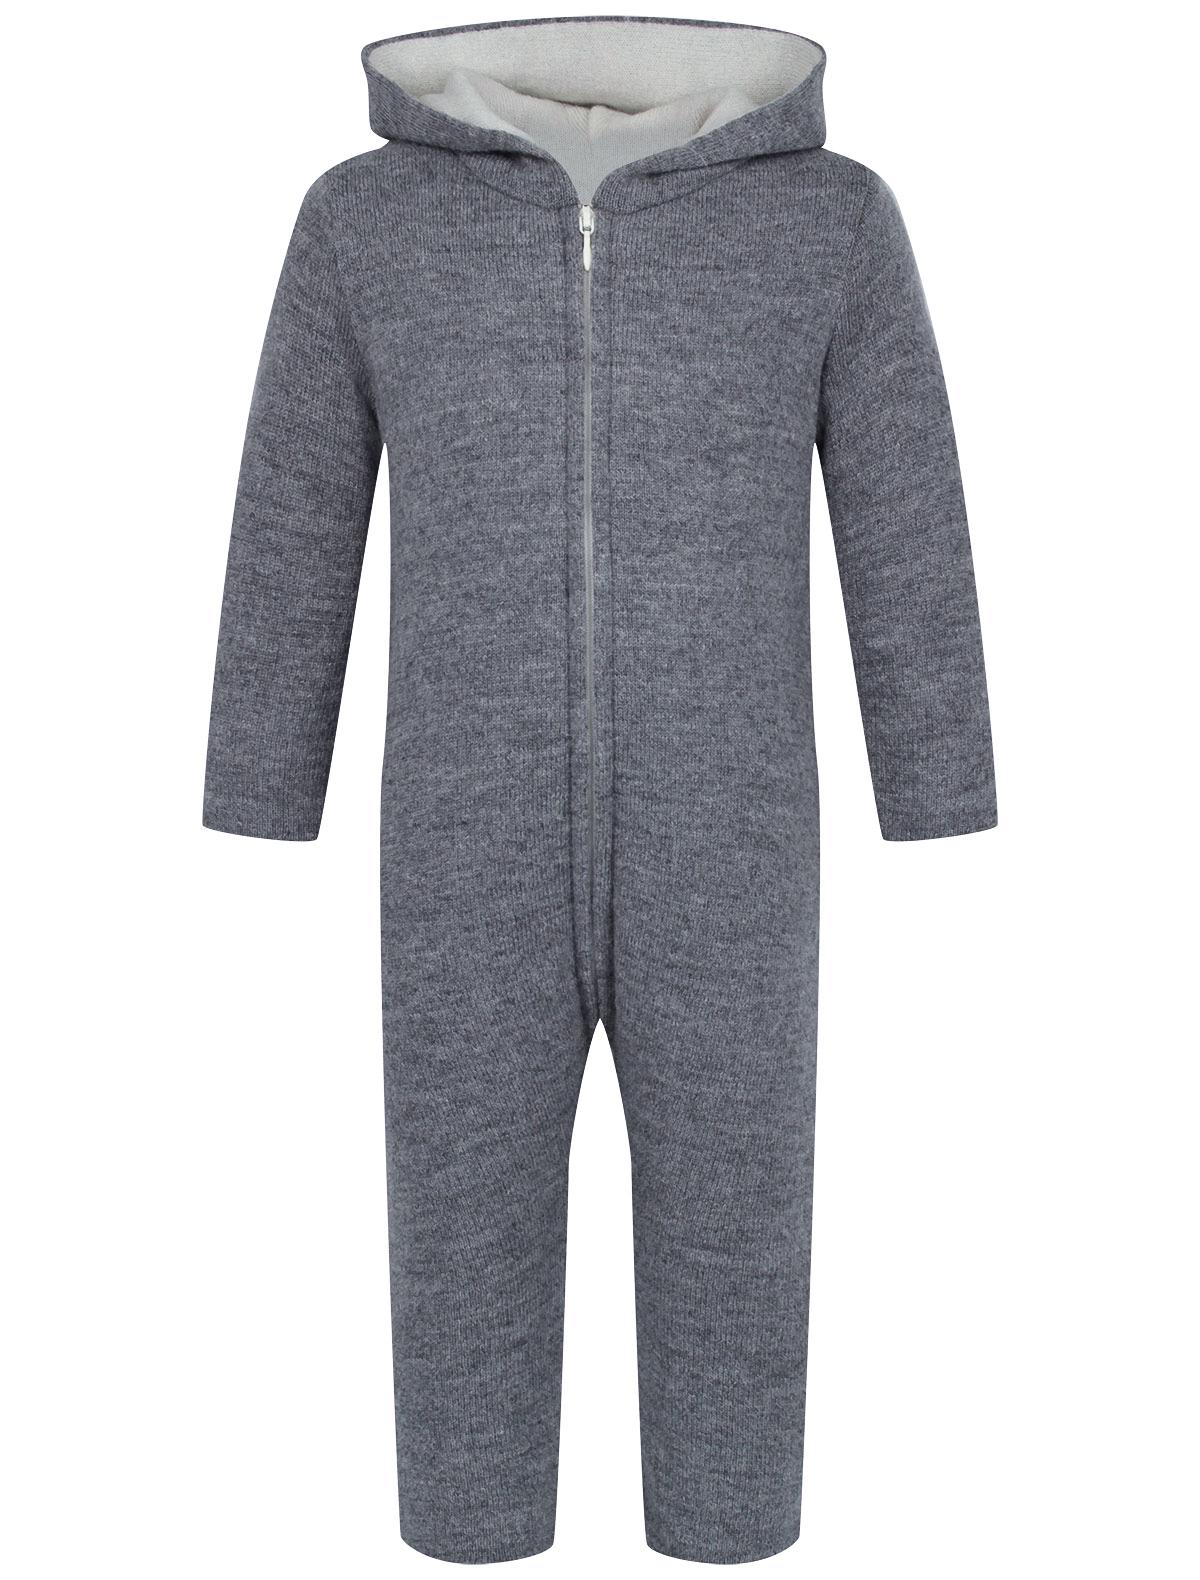 Купить 2249396, Комбинезон Air wool, серый, 1284529080562